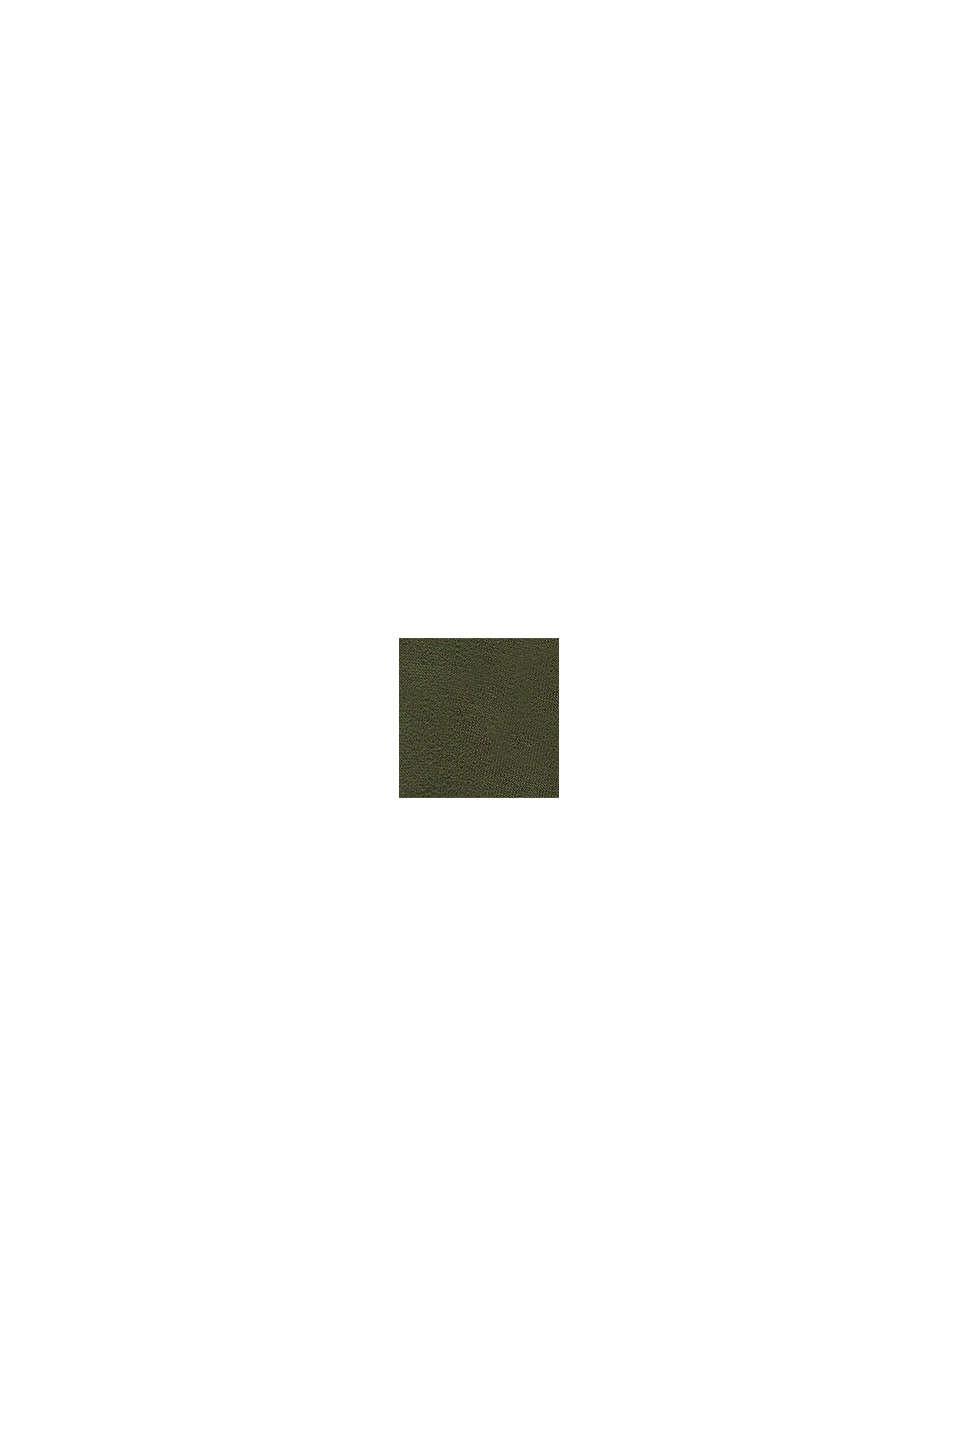 Sweatjurk met print van 100% katoen, KHAKI GREEN, swatch